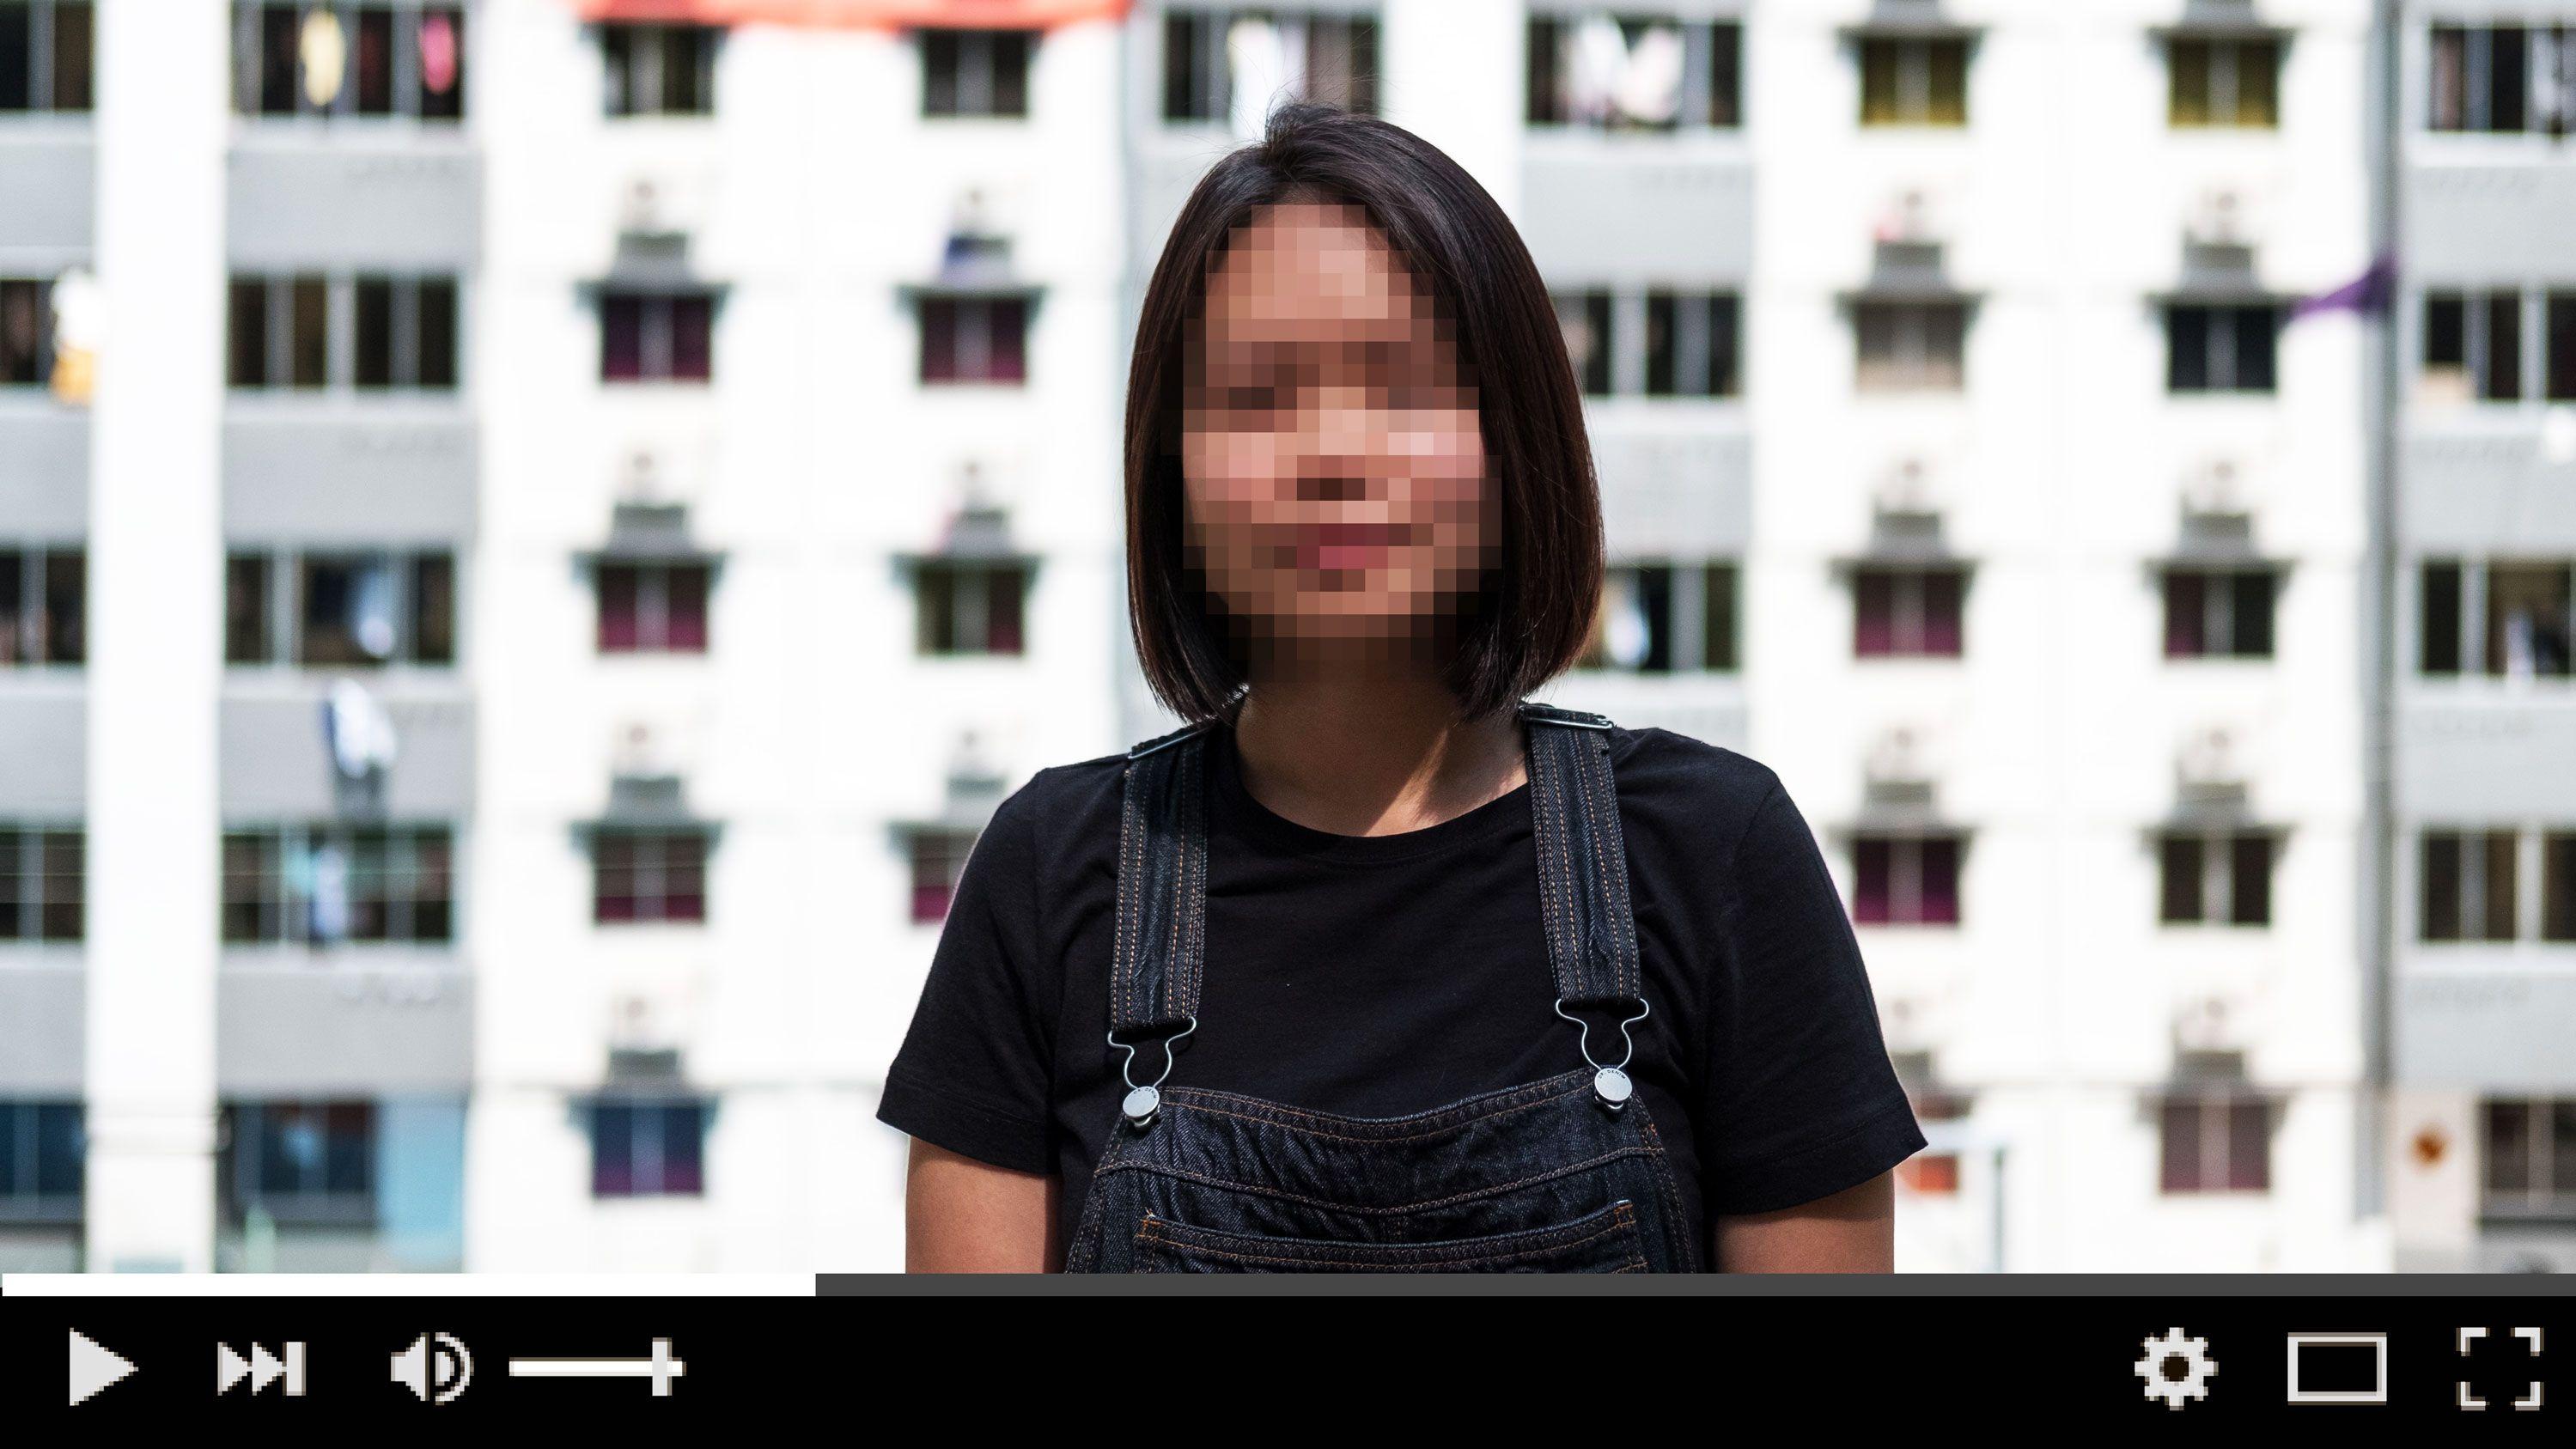 表情そのままに匿名化、ディープフェイクで内部告発者を守る新手法